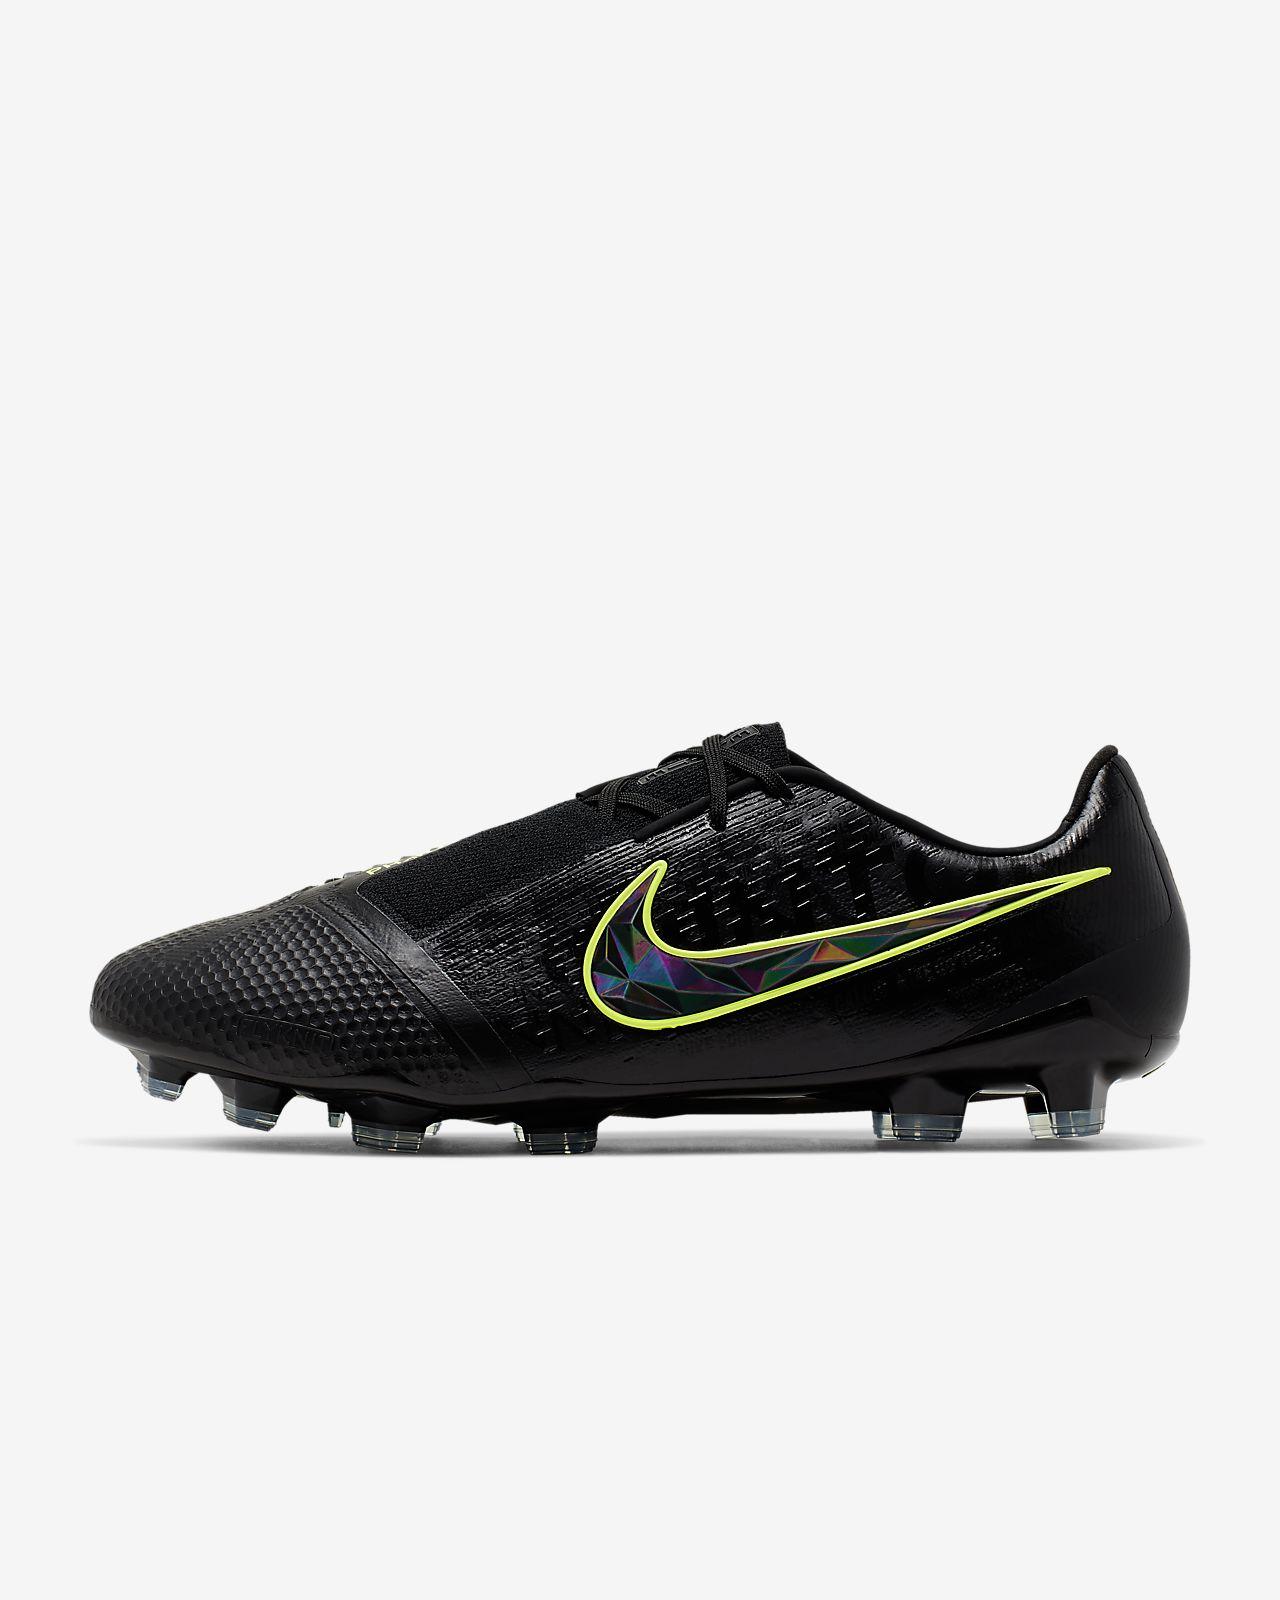 Ποδοσφαιρικό παπούτσι για σκληρές επιφάνειες Nike Phantom Venom Elite FG